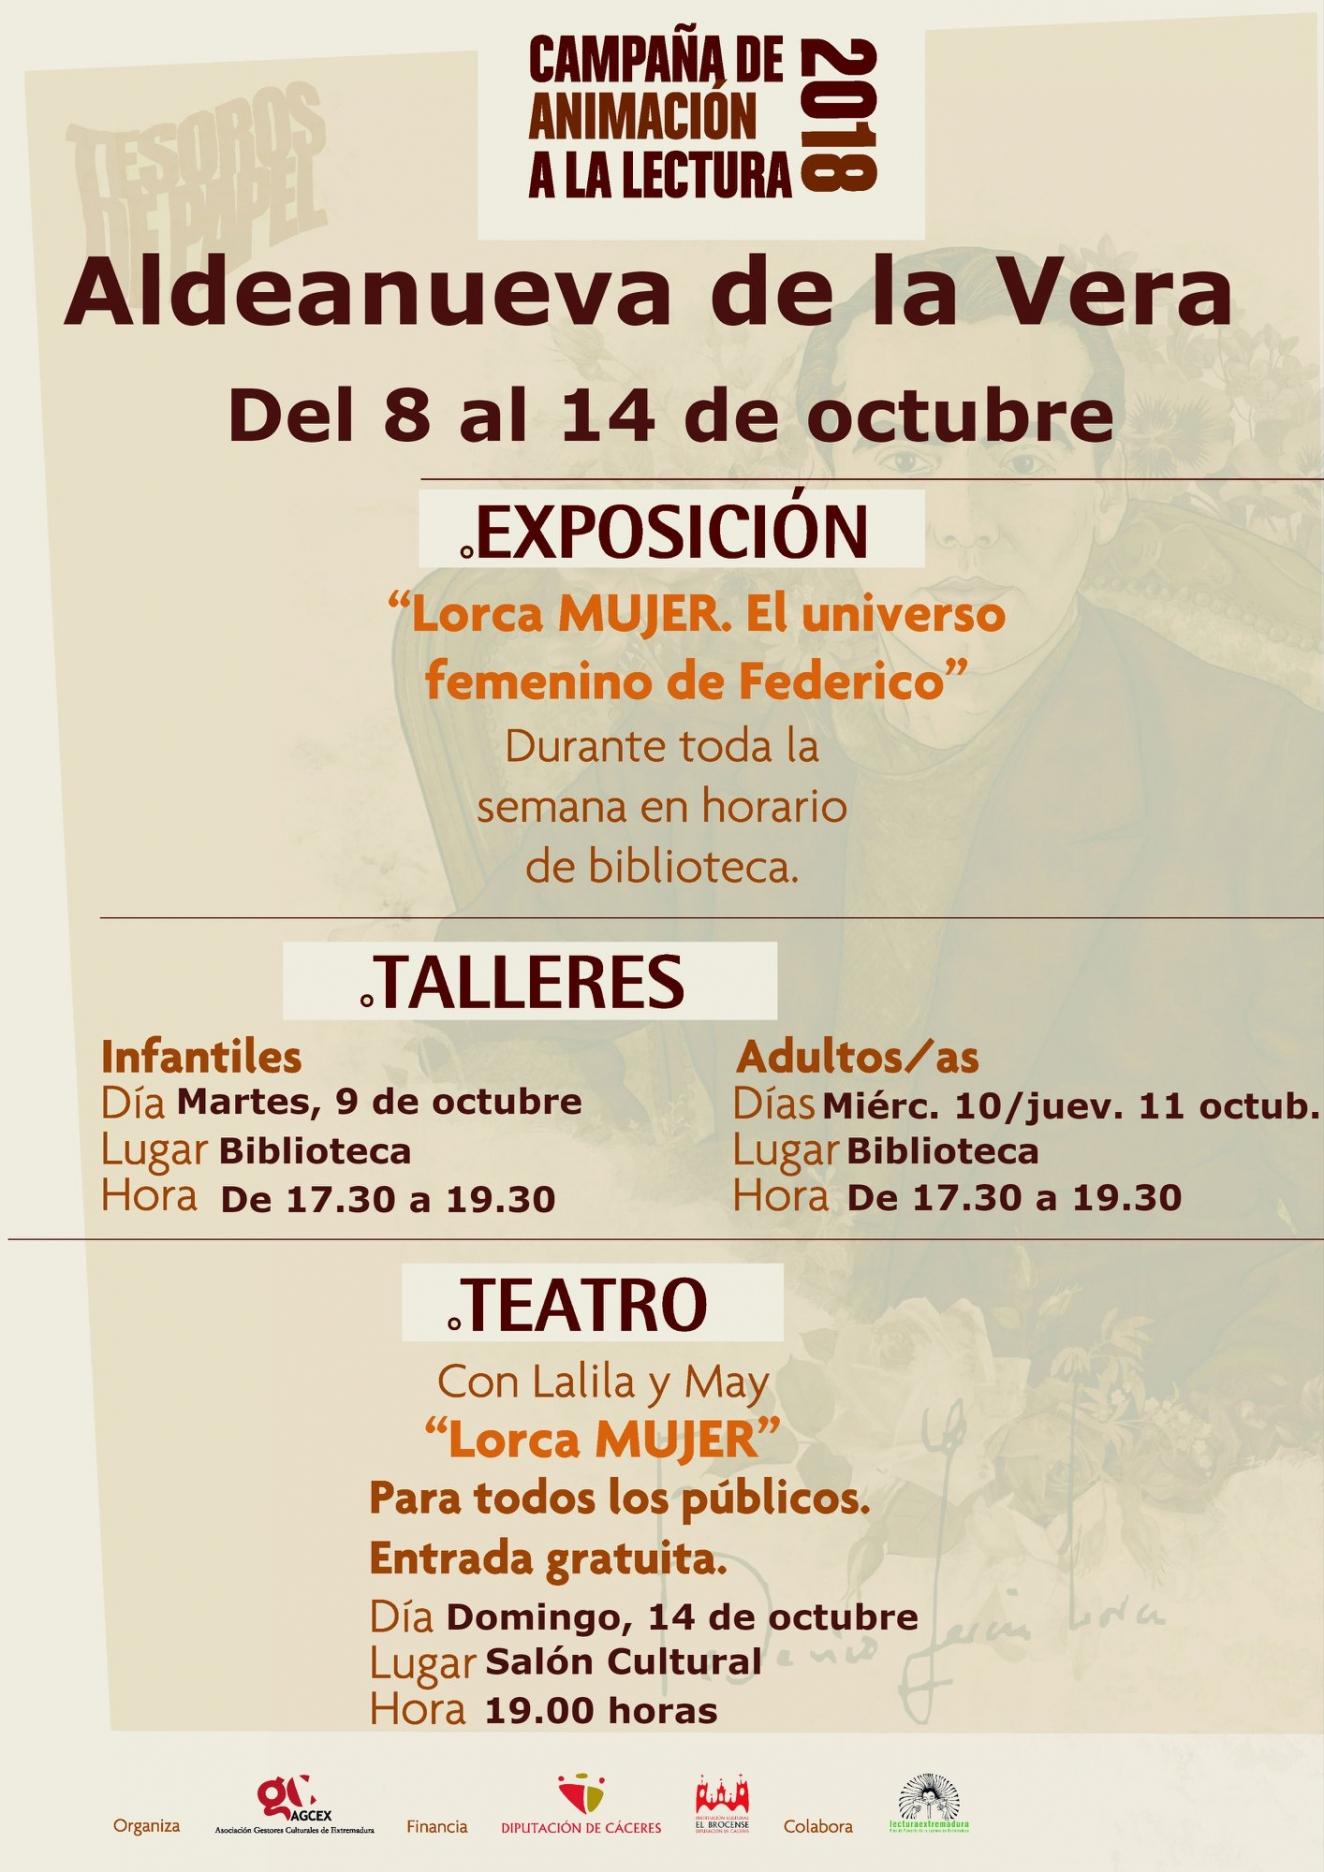 TESOROS DE PAPEL | Aldeanueva de la Vera